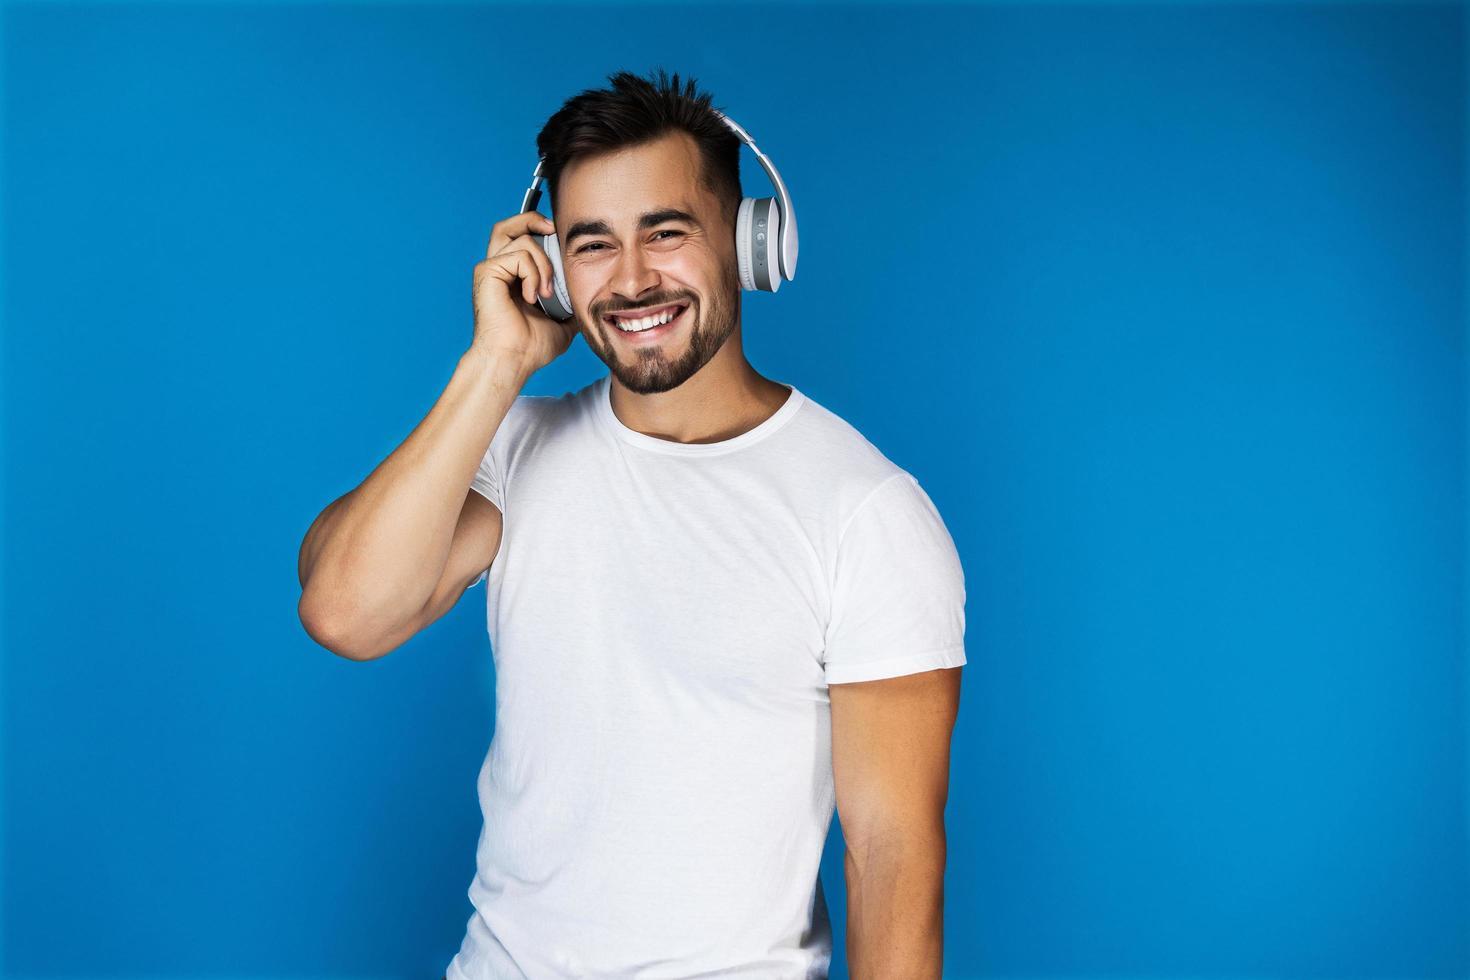 söt man ler och lyssnar på något i hörlurarna foto